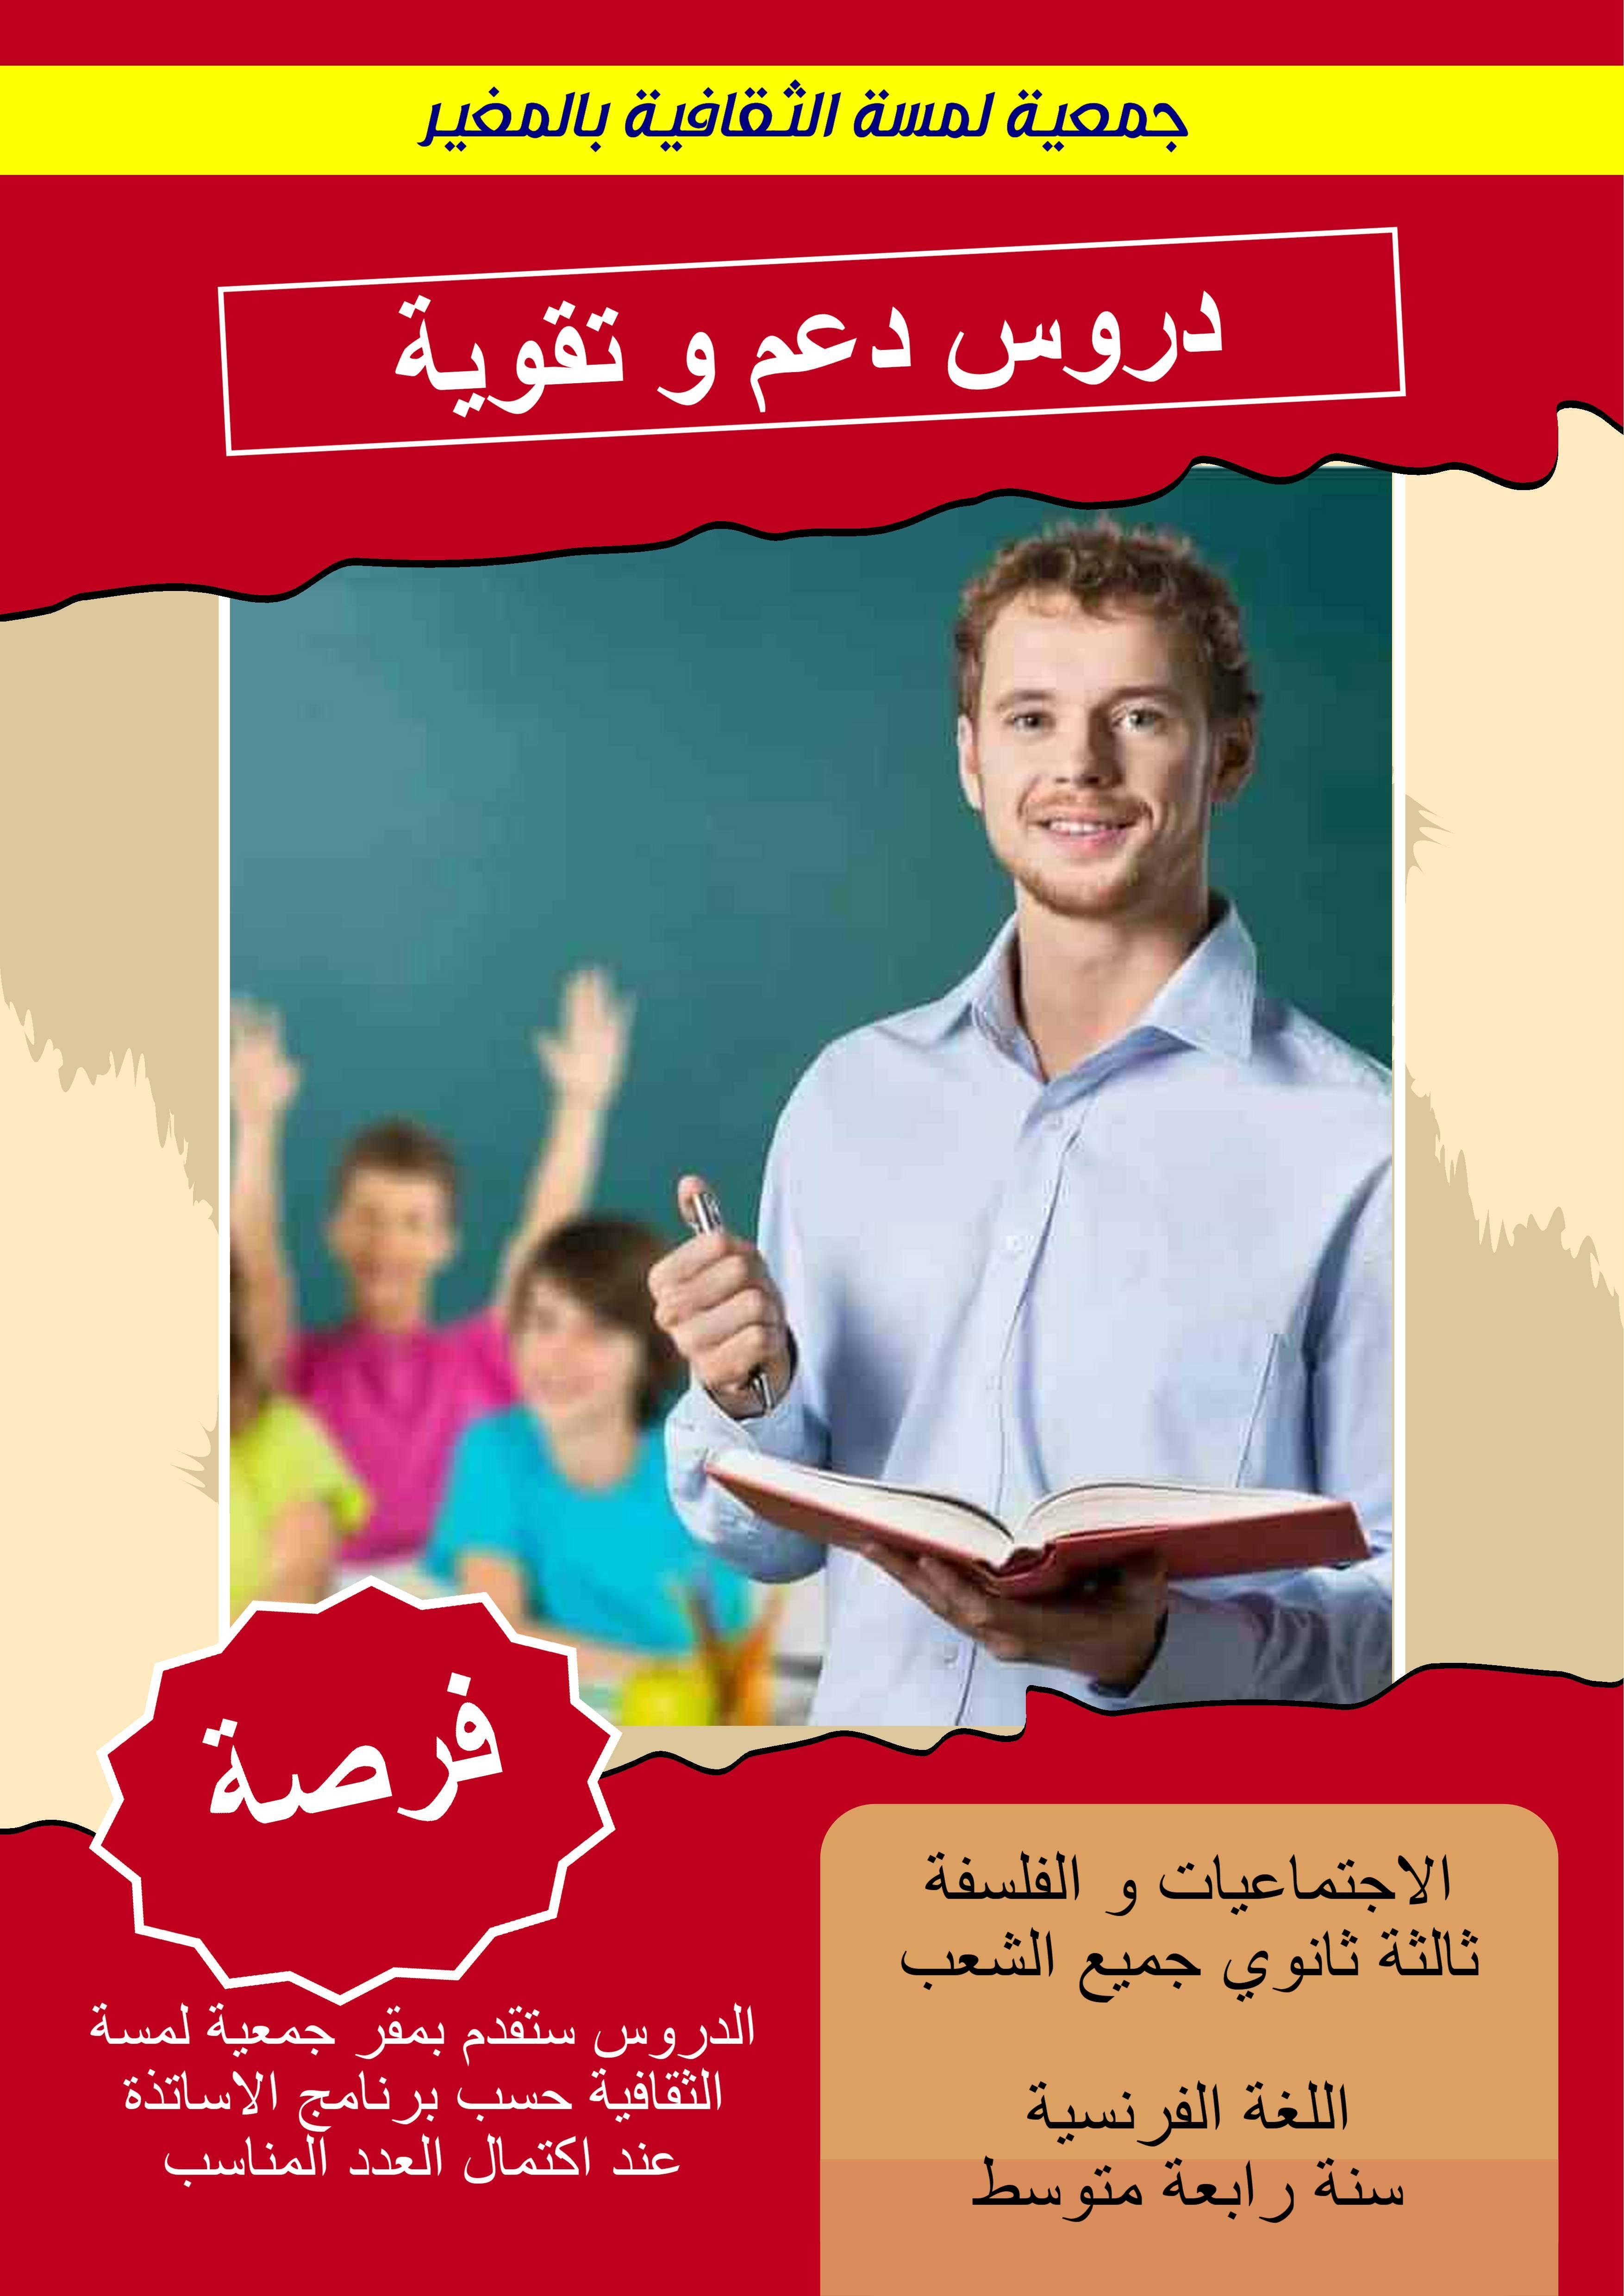 دروس التقوية و الدعم - جمعية لمسة الثقافية المغير